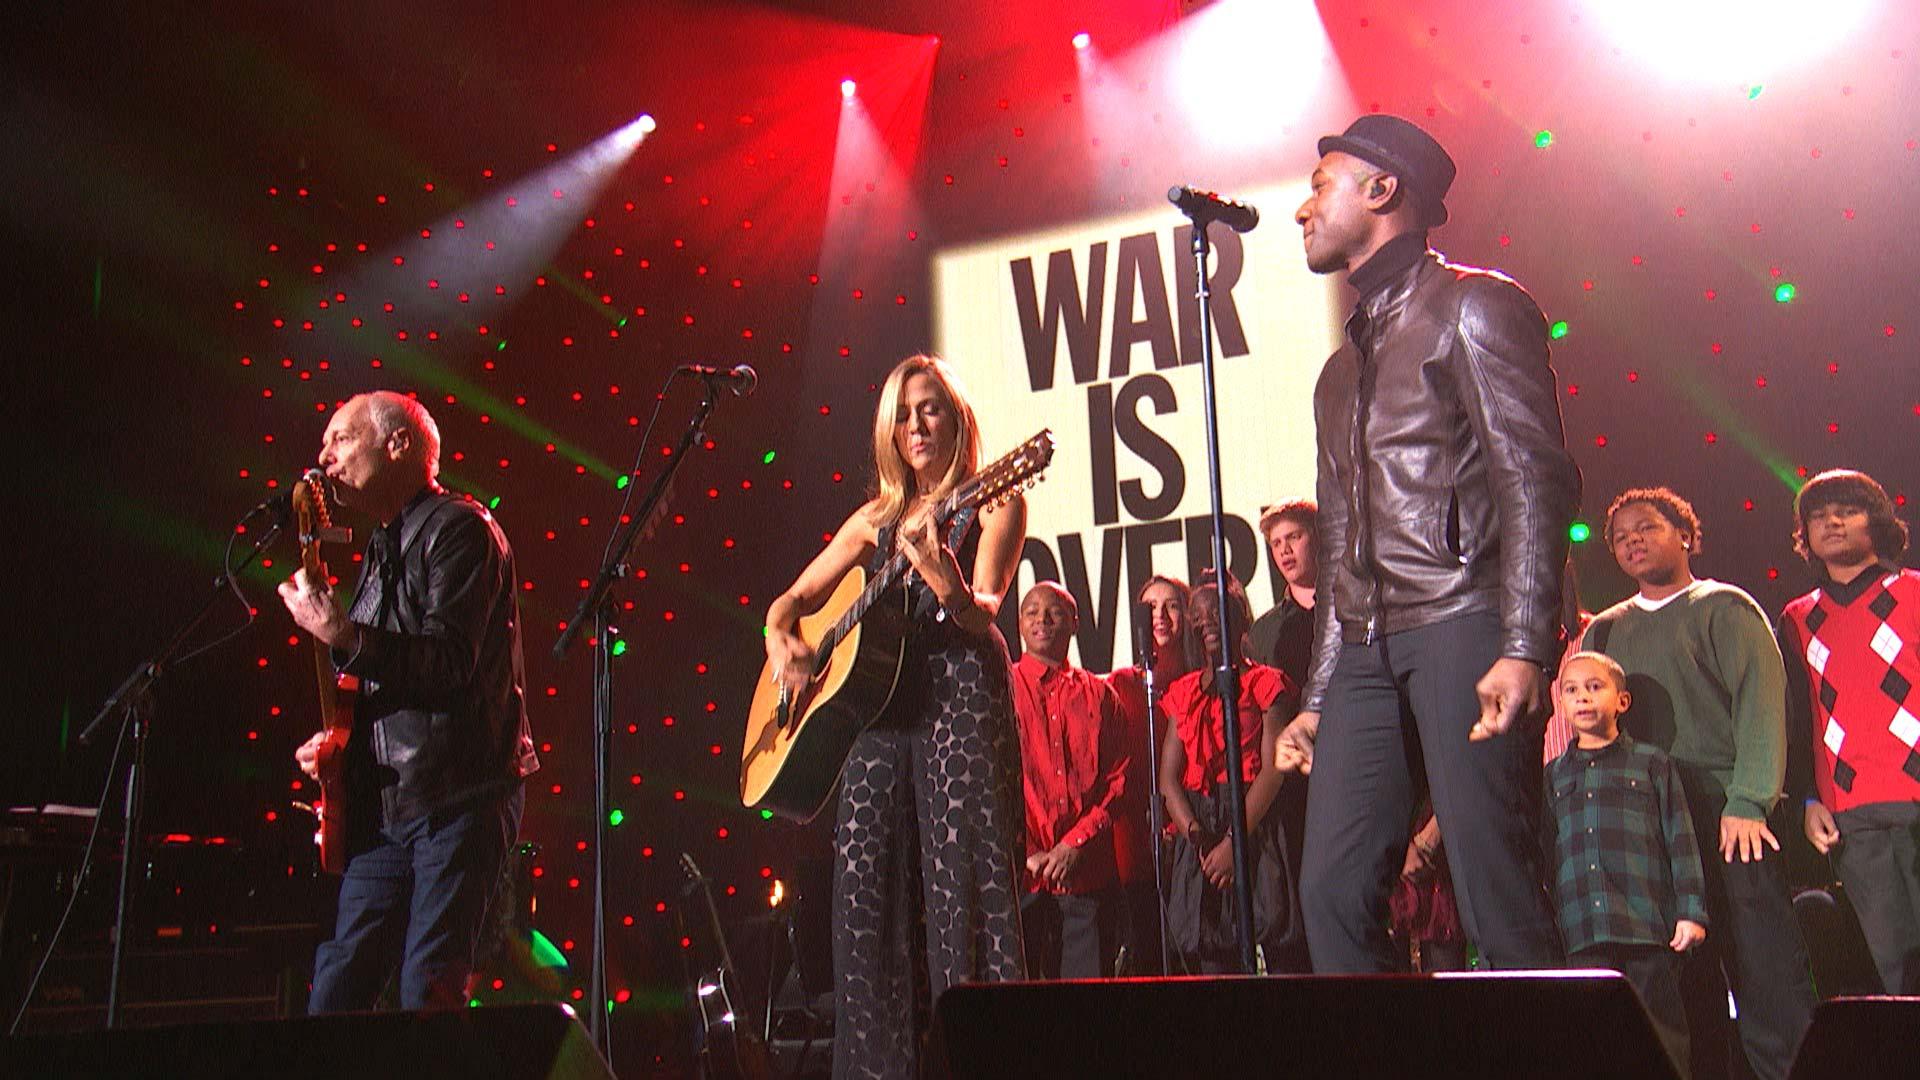 Video Extra - Imagine: John Lennon 75th Birthday Concert - Trailer ...